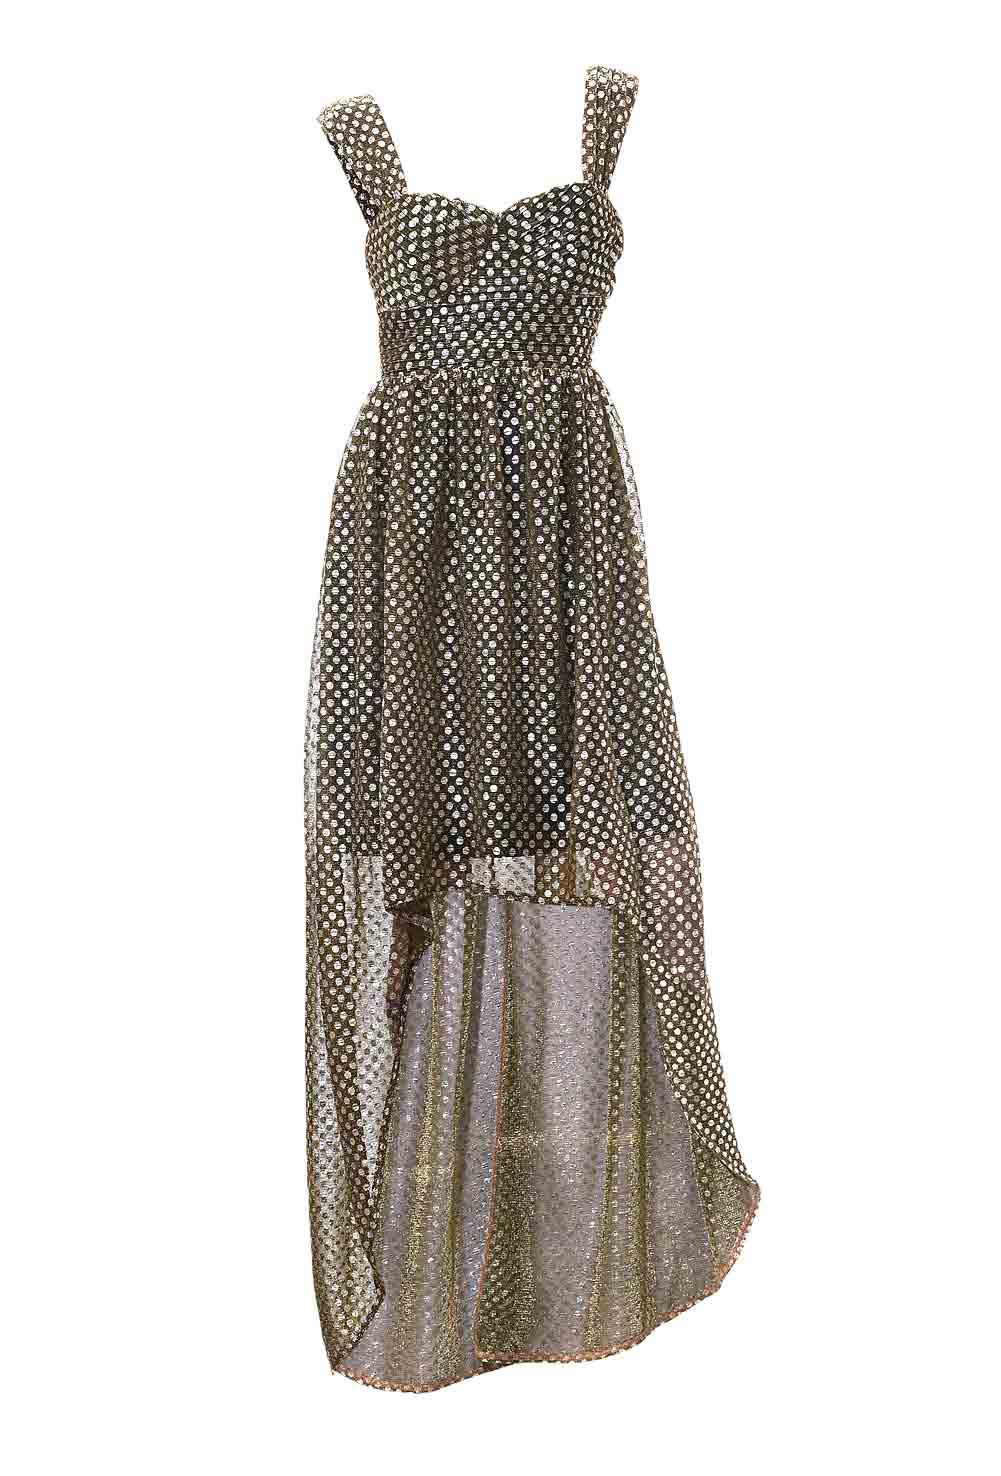 128.934 Abendkleid, schwarz-silber von Ashley Brooke event Grösse 36